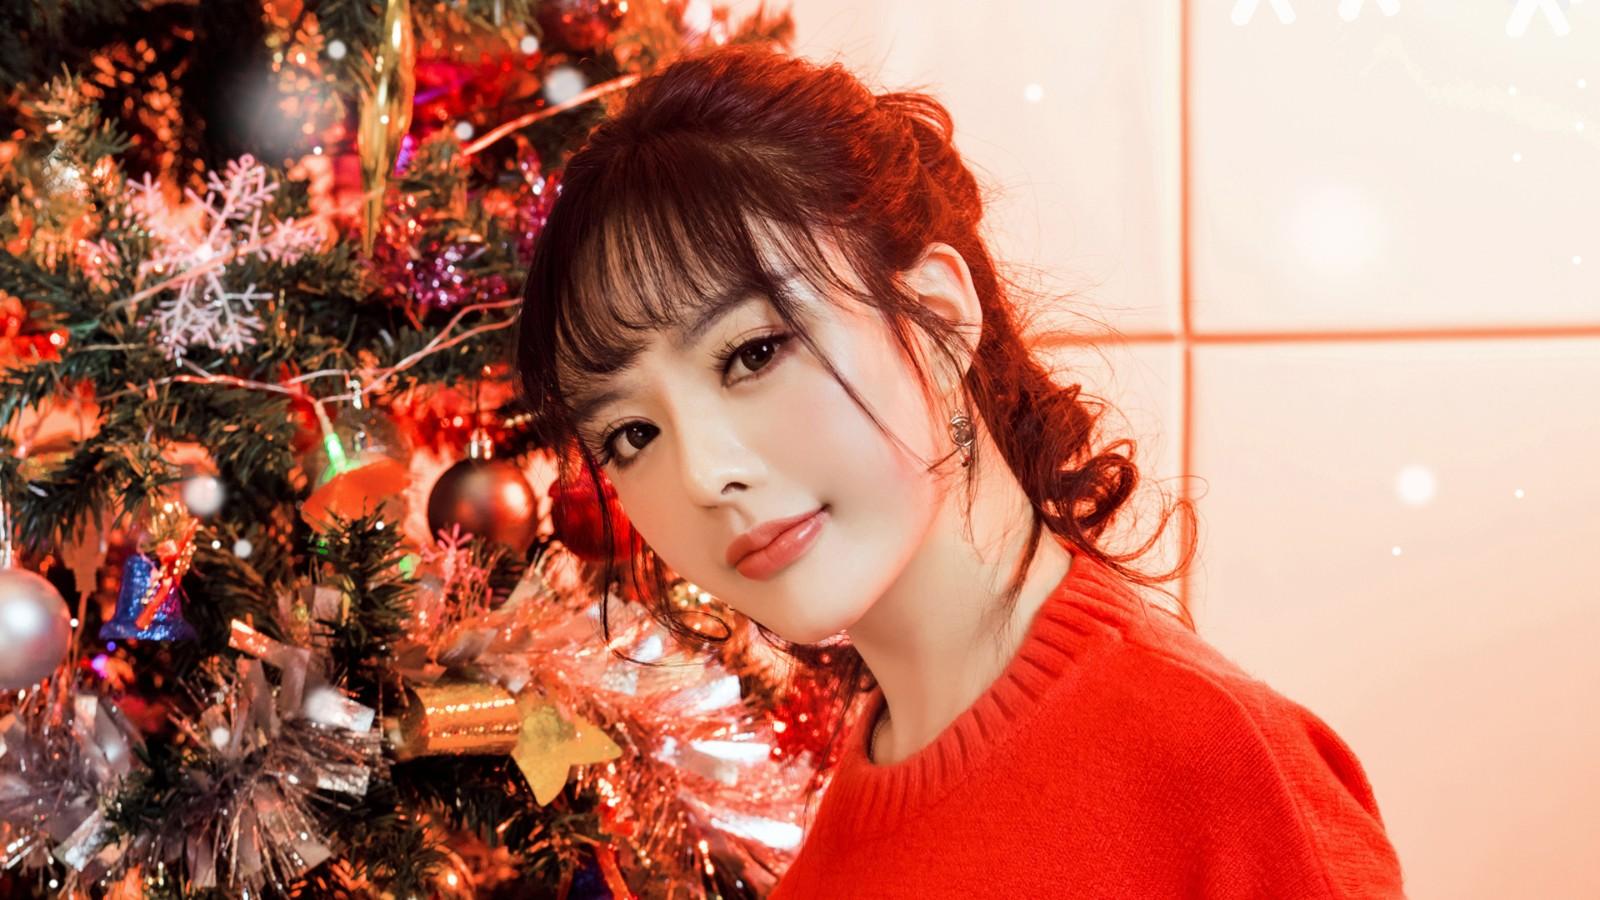 周熙妍圣诞节可爱美女壁纸